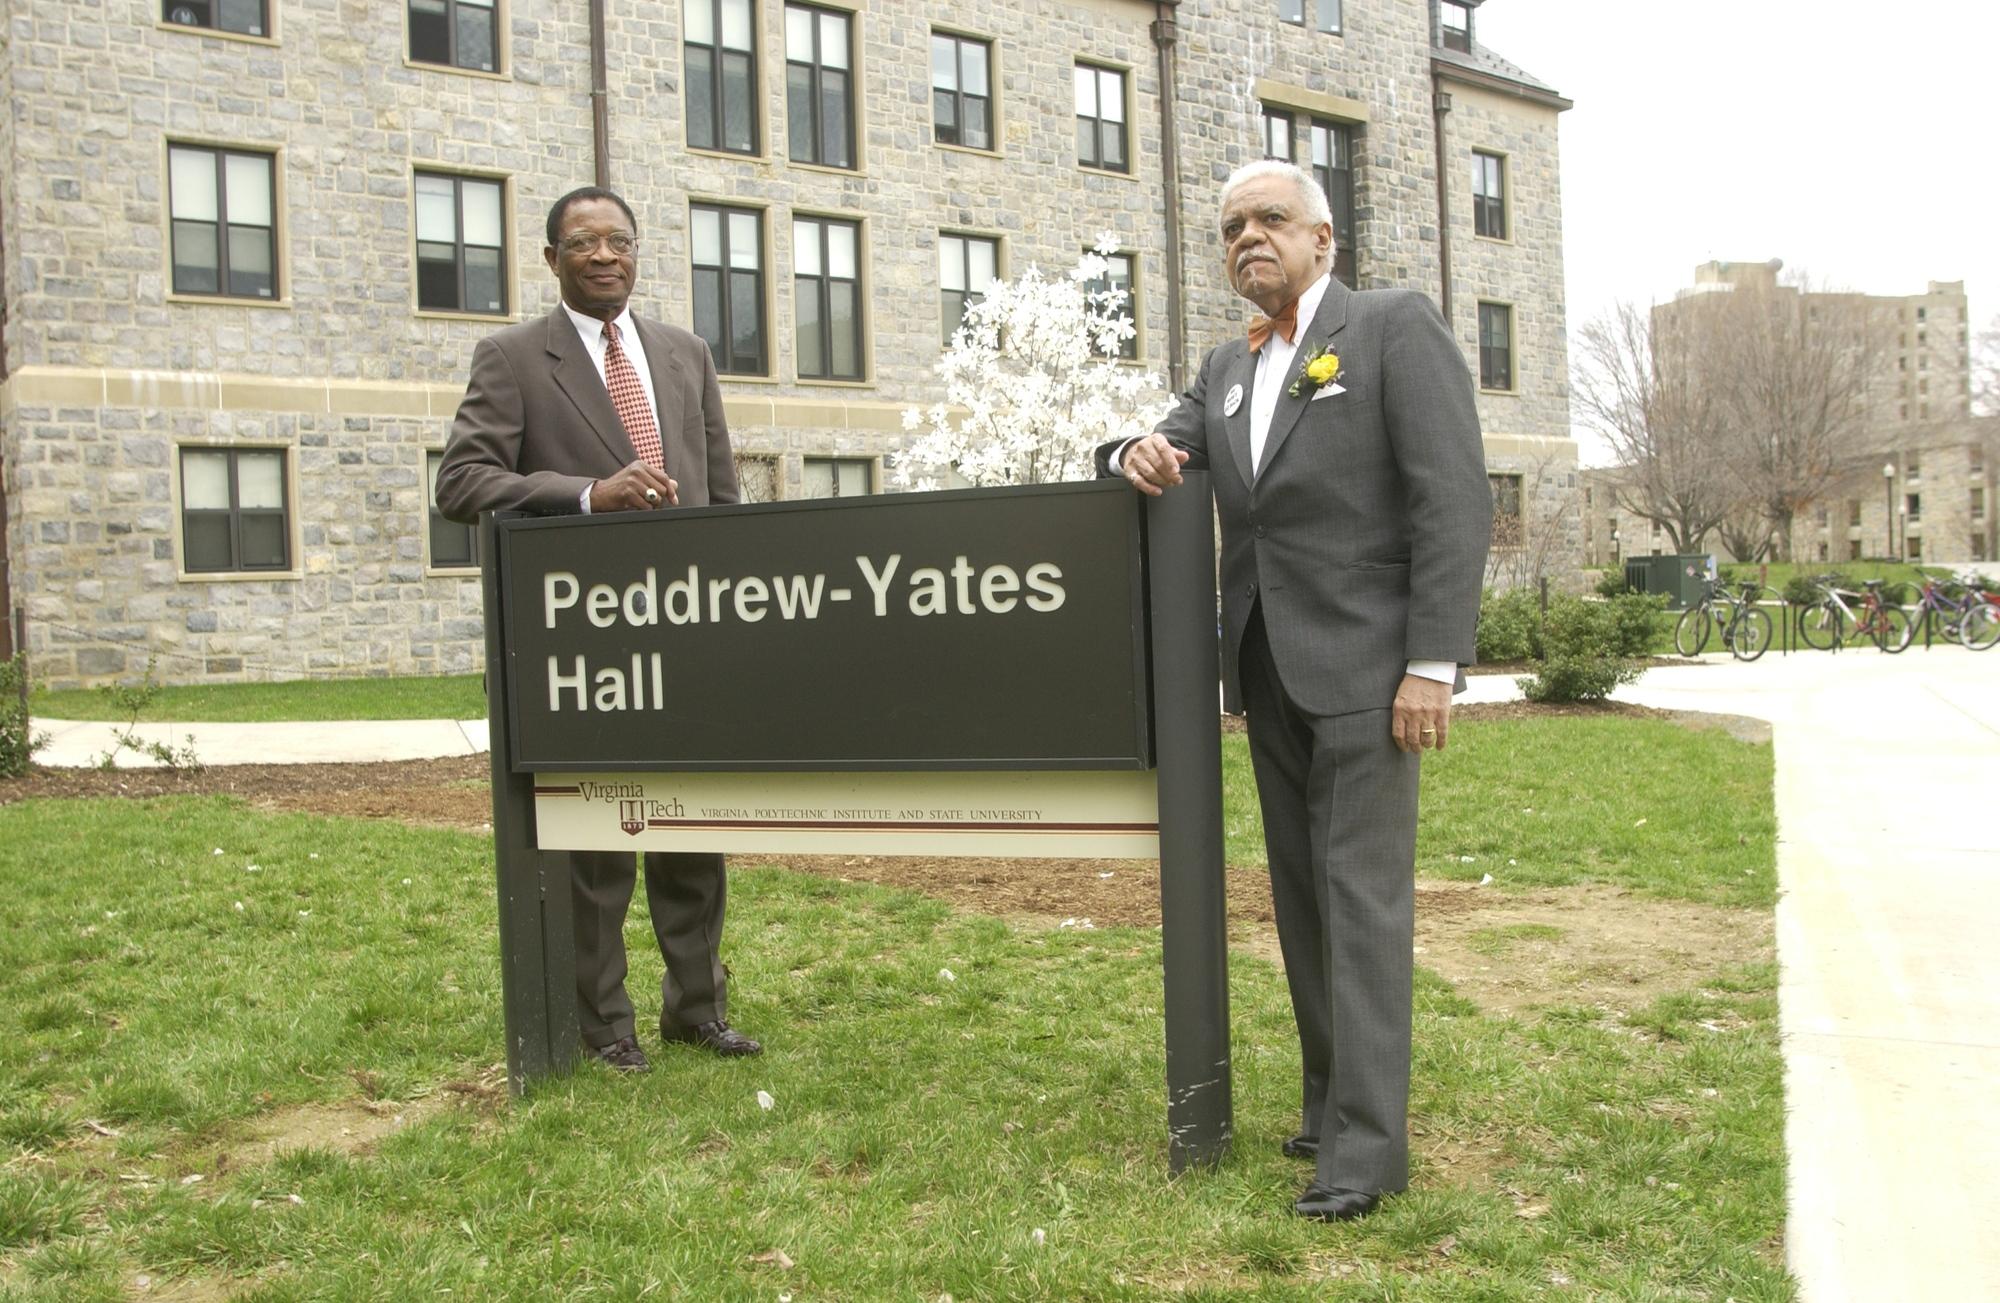 http://spec.lib.vt.edu/pickup/Omeka_upload/Peddrew-Yates_Photo_VTPhoto.JPG